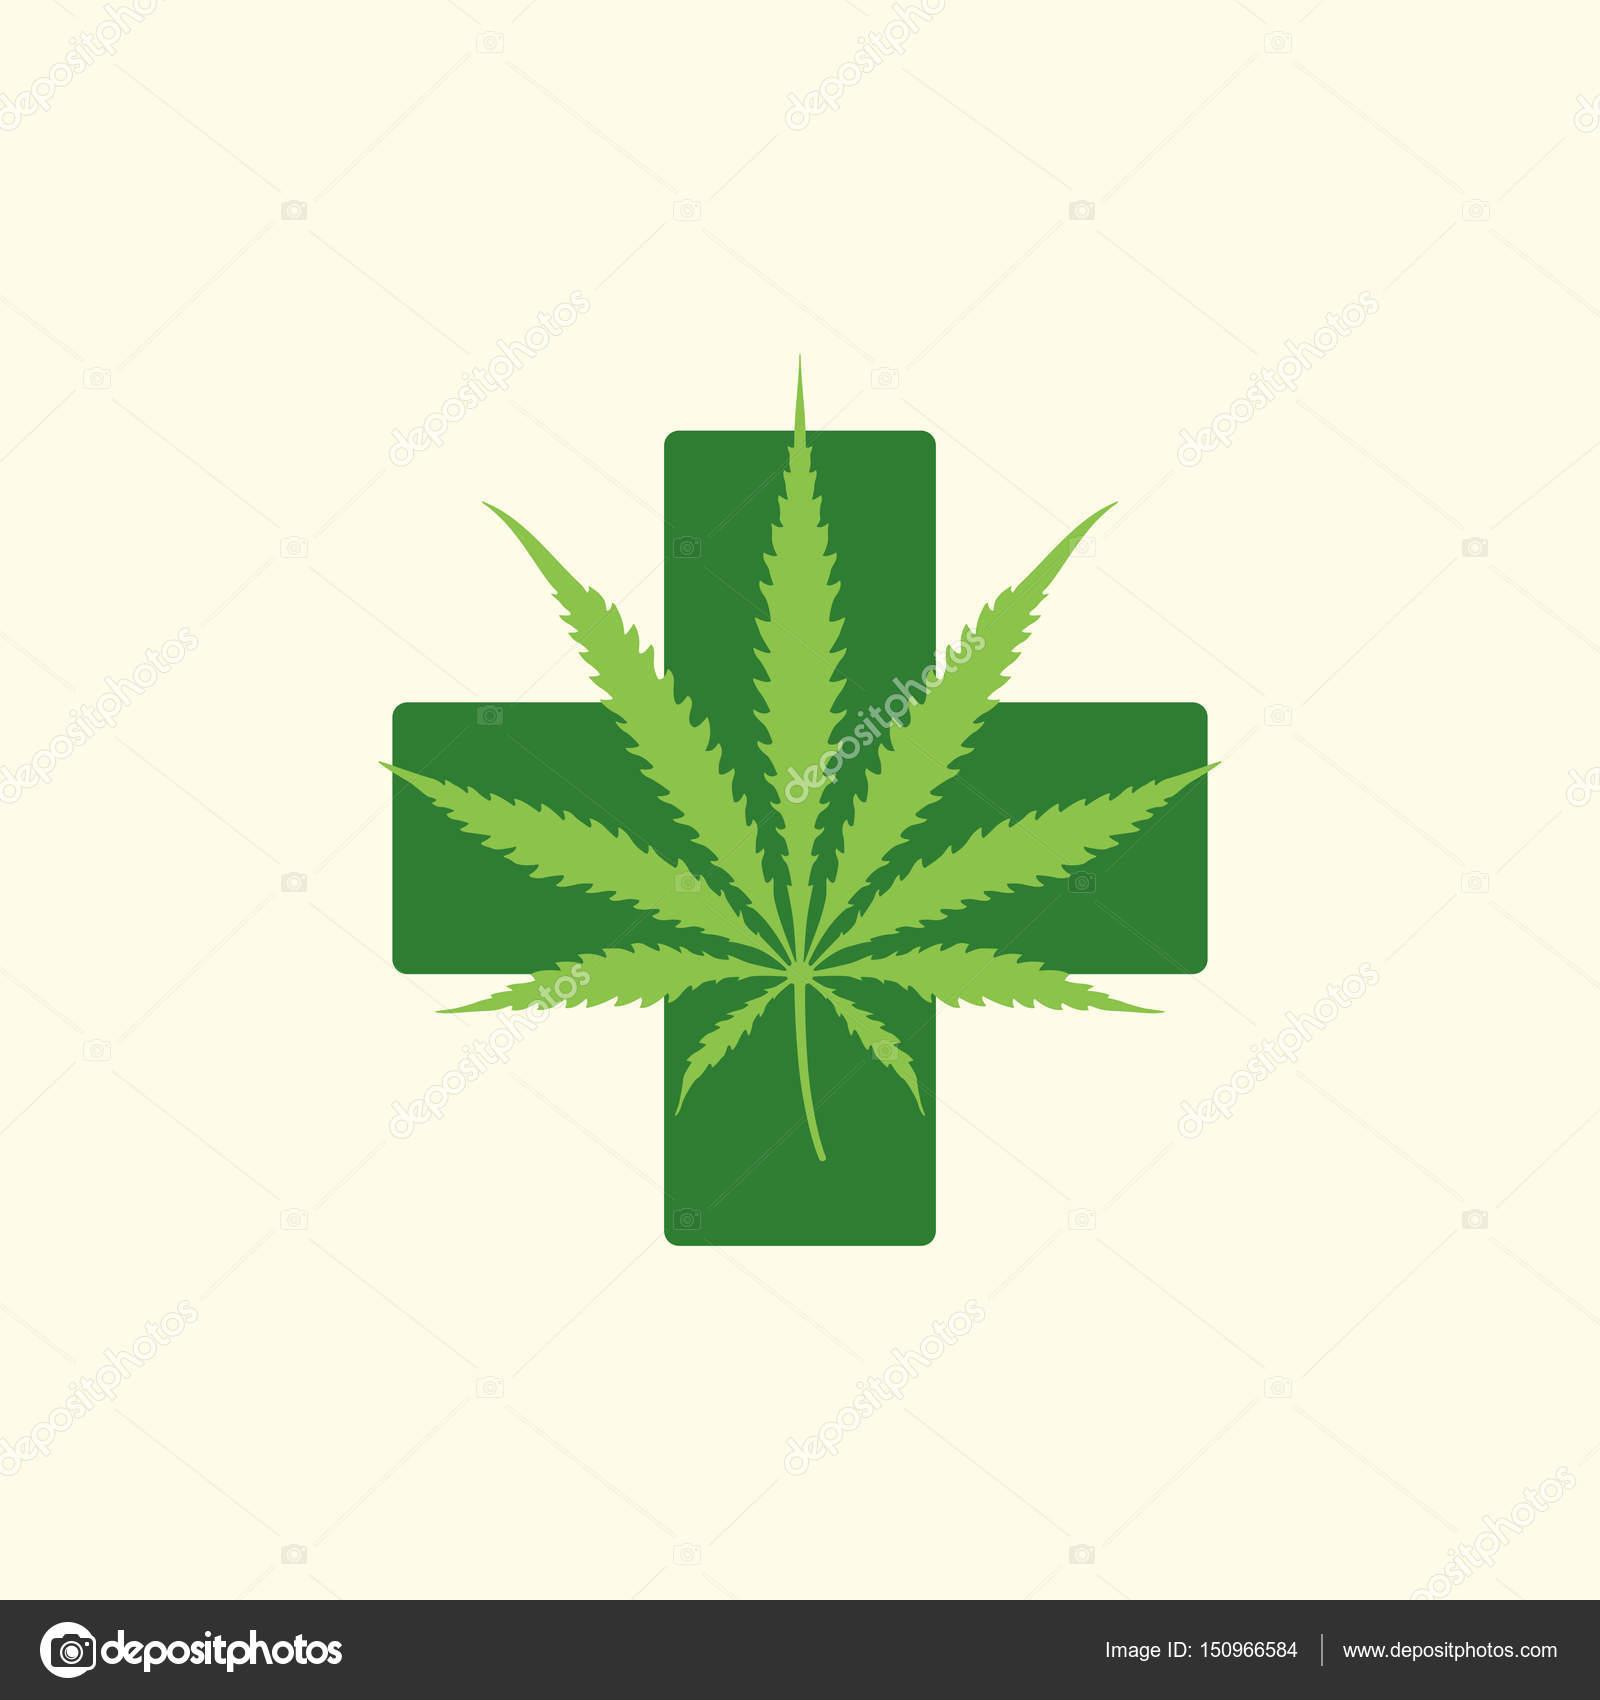 Фотографии конопли марихуаны самая большая конопля картинки